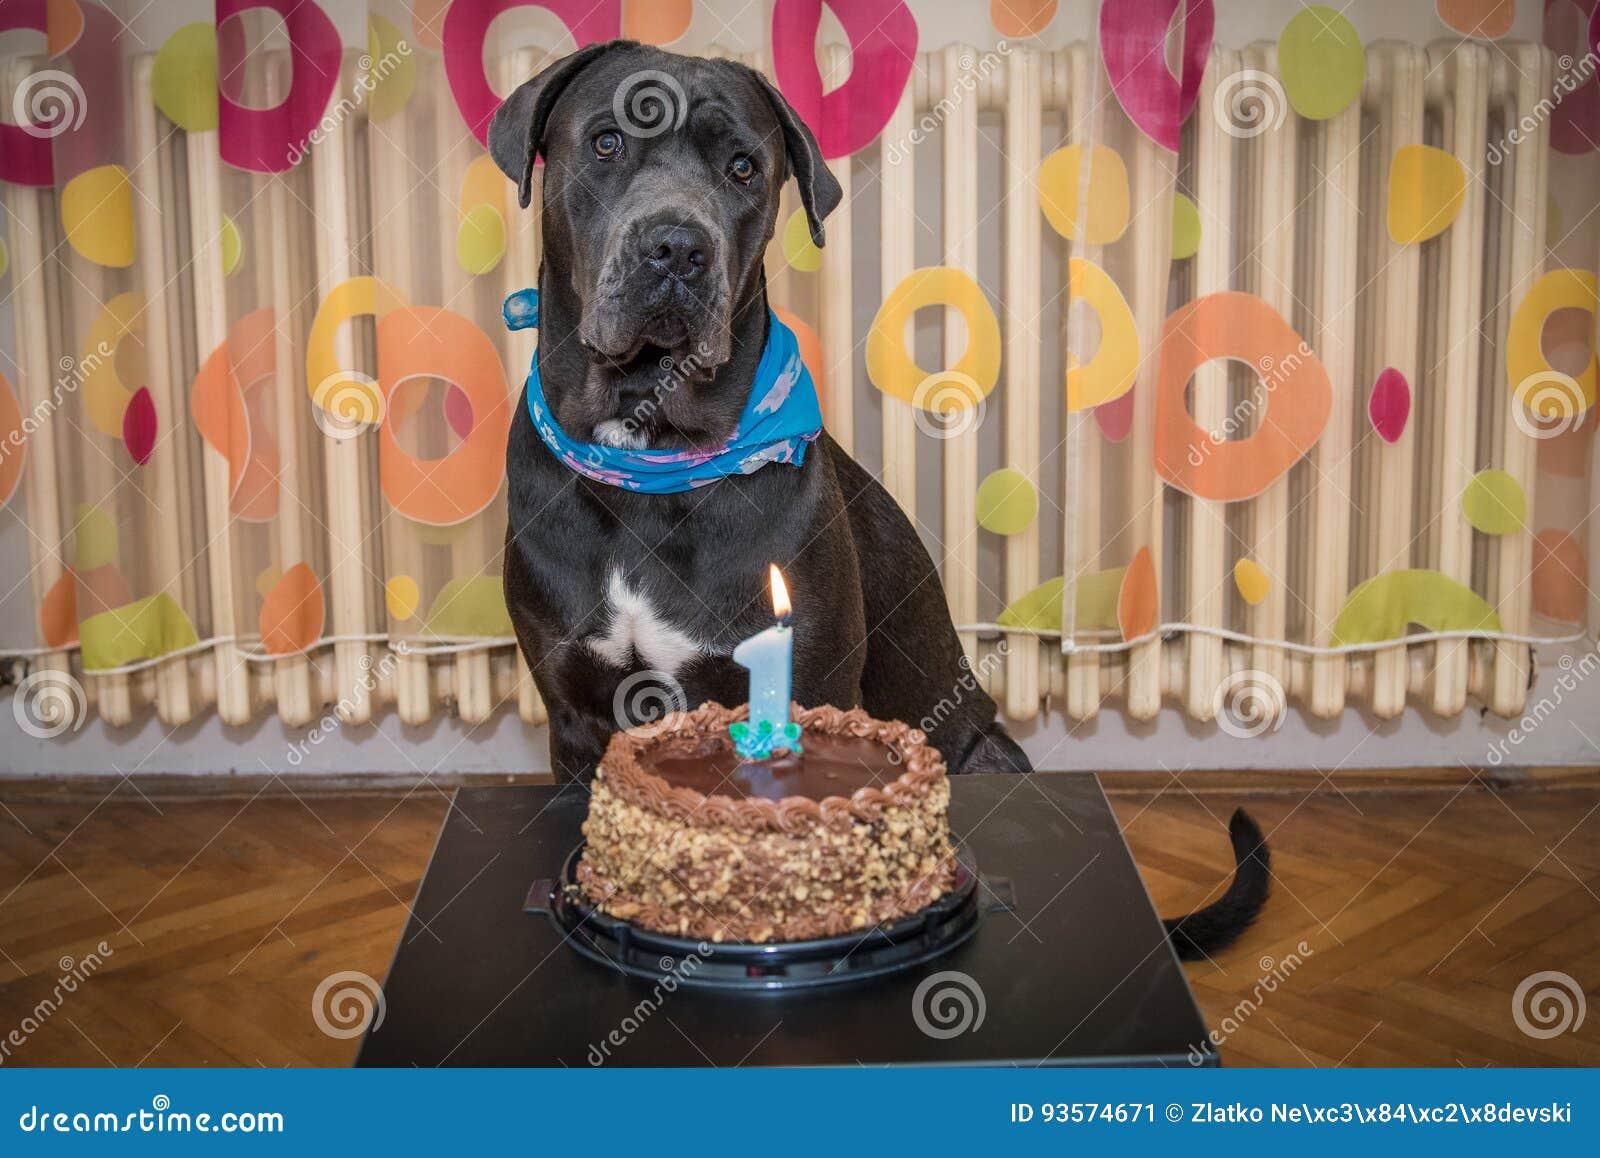 Schoner Dunkelgrauer Hund Feiert Seinen Ersten Geburtstag Stockbild